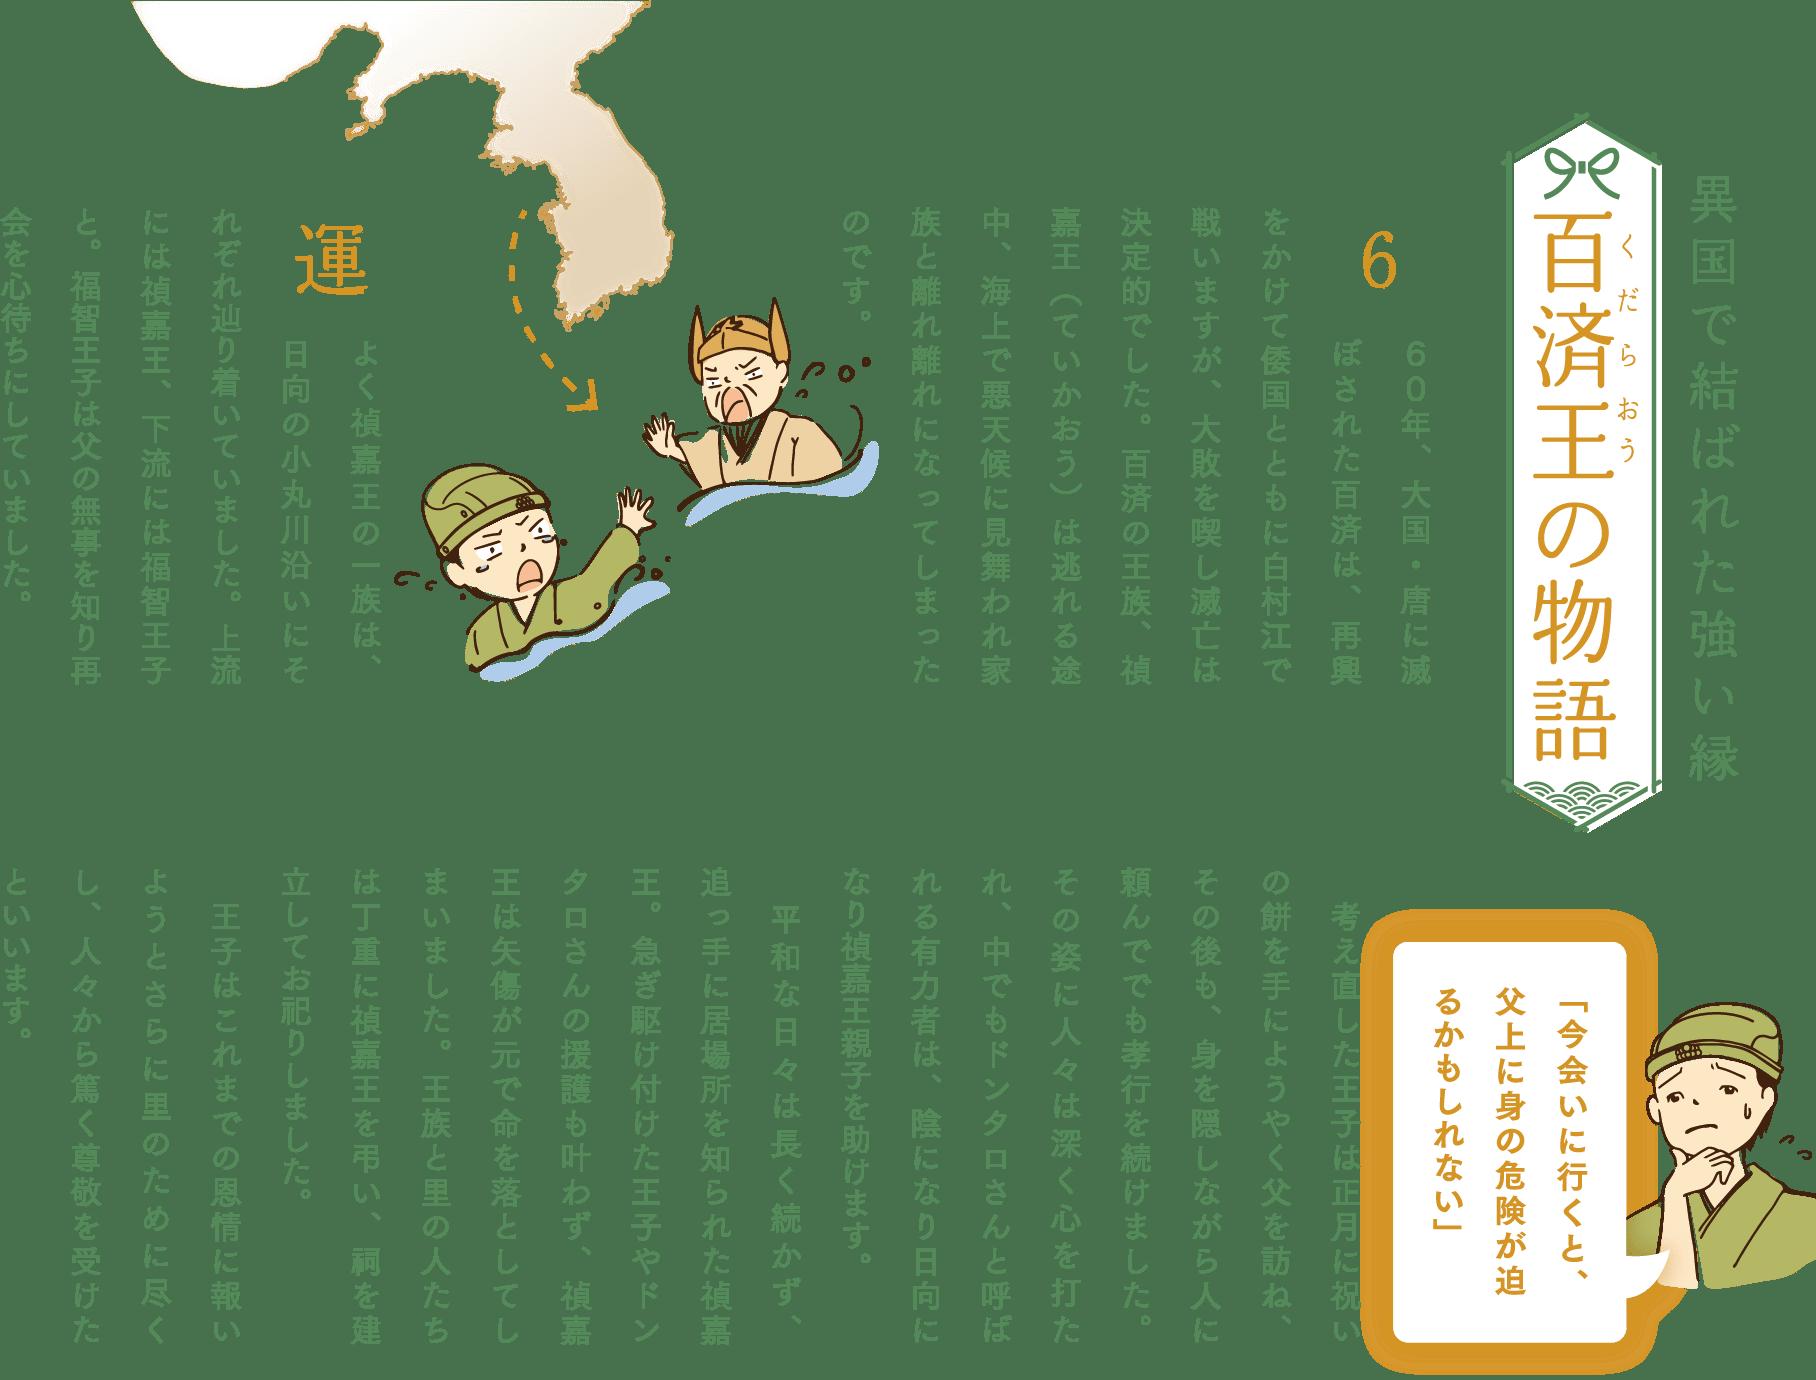 660年、大国・唐に滅ぼされた百済は、再興をかけて倭国とともに白村江で戦いますが、大敗を喫し滅亡は決定的でした。百済の王族、禎嘉王(ていかおう)は逃れる途中、海上で悪天候に見舞われ家族と離れ離れになってしまったのです。運よく禎嘉王の一族は、日向の小丸川沿いにそれぞれ辿り着いていました。上流には禎嘉王、下流には福智王子と。福智王子は父の無事を知り再会を心待ちにしていました。「今会いに行くと、父上に身の危険が迫るかもしれない」考え直した王子は正月に祝いの餅を手にようやく父を訪ね、その後も、身を隠しながら人に頼んででも孝行を続けました。その姿に人々は深く心を打たれ、中でもドンタロさんと呼ばれる有力者は、陰になり日向になり禎嘉王親子を助けます。平和な日々は長く続かず、追っ手に居場所を知られた禎嘉王。急ぎ駆け付けた王子やドンタロさんの援護も叶わず、禎嘉王は矢傷が元で命を落としてしまいました。王族と里の人たちは丁重に禎嘉王を弔い、祠を建立してお祀りしました。王子はこれまでの恩情に報いようとさらに里のために尽くし、人々から篤く尊敬を受けたといいます。